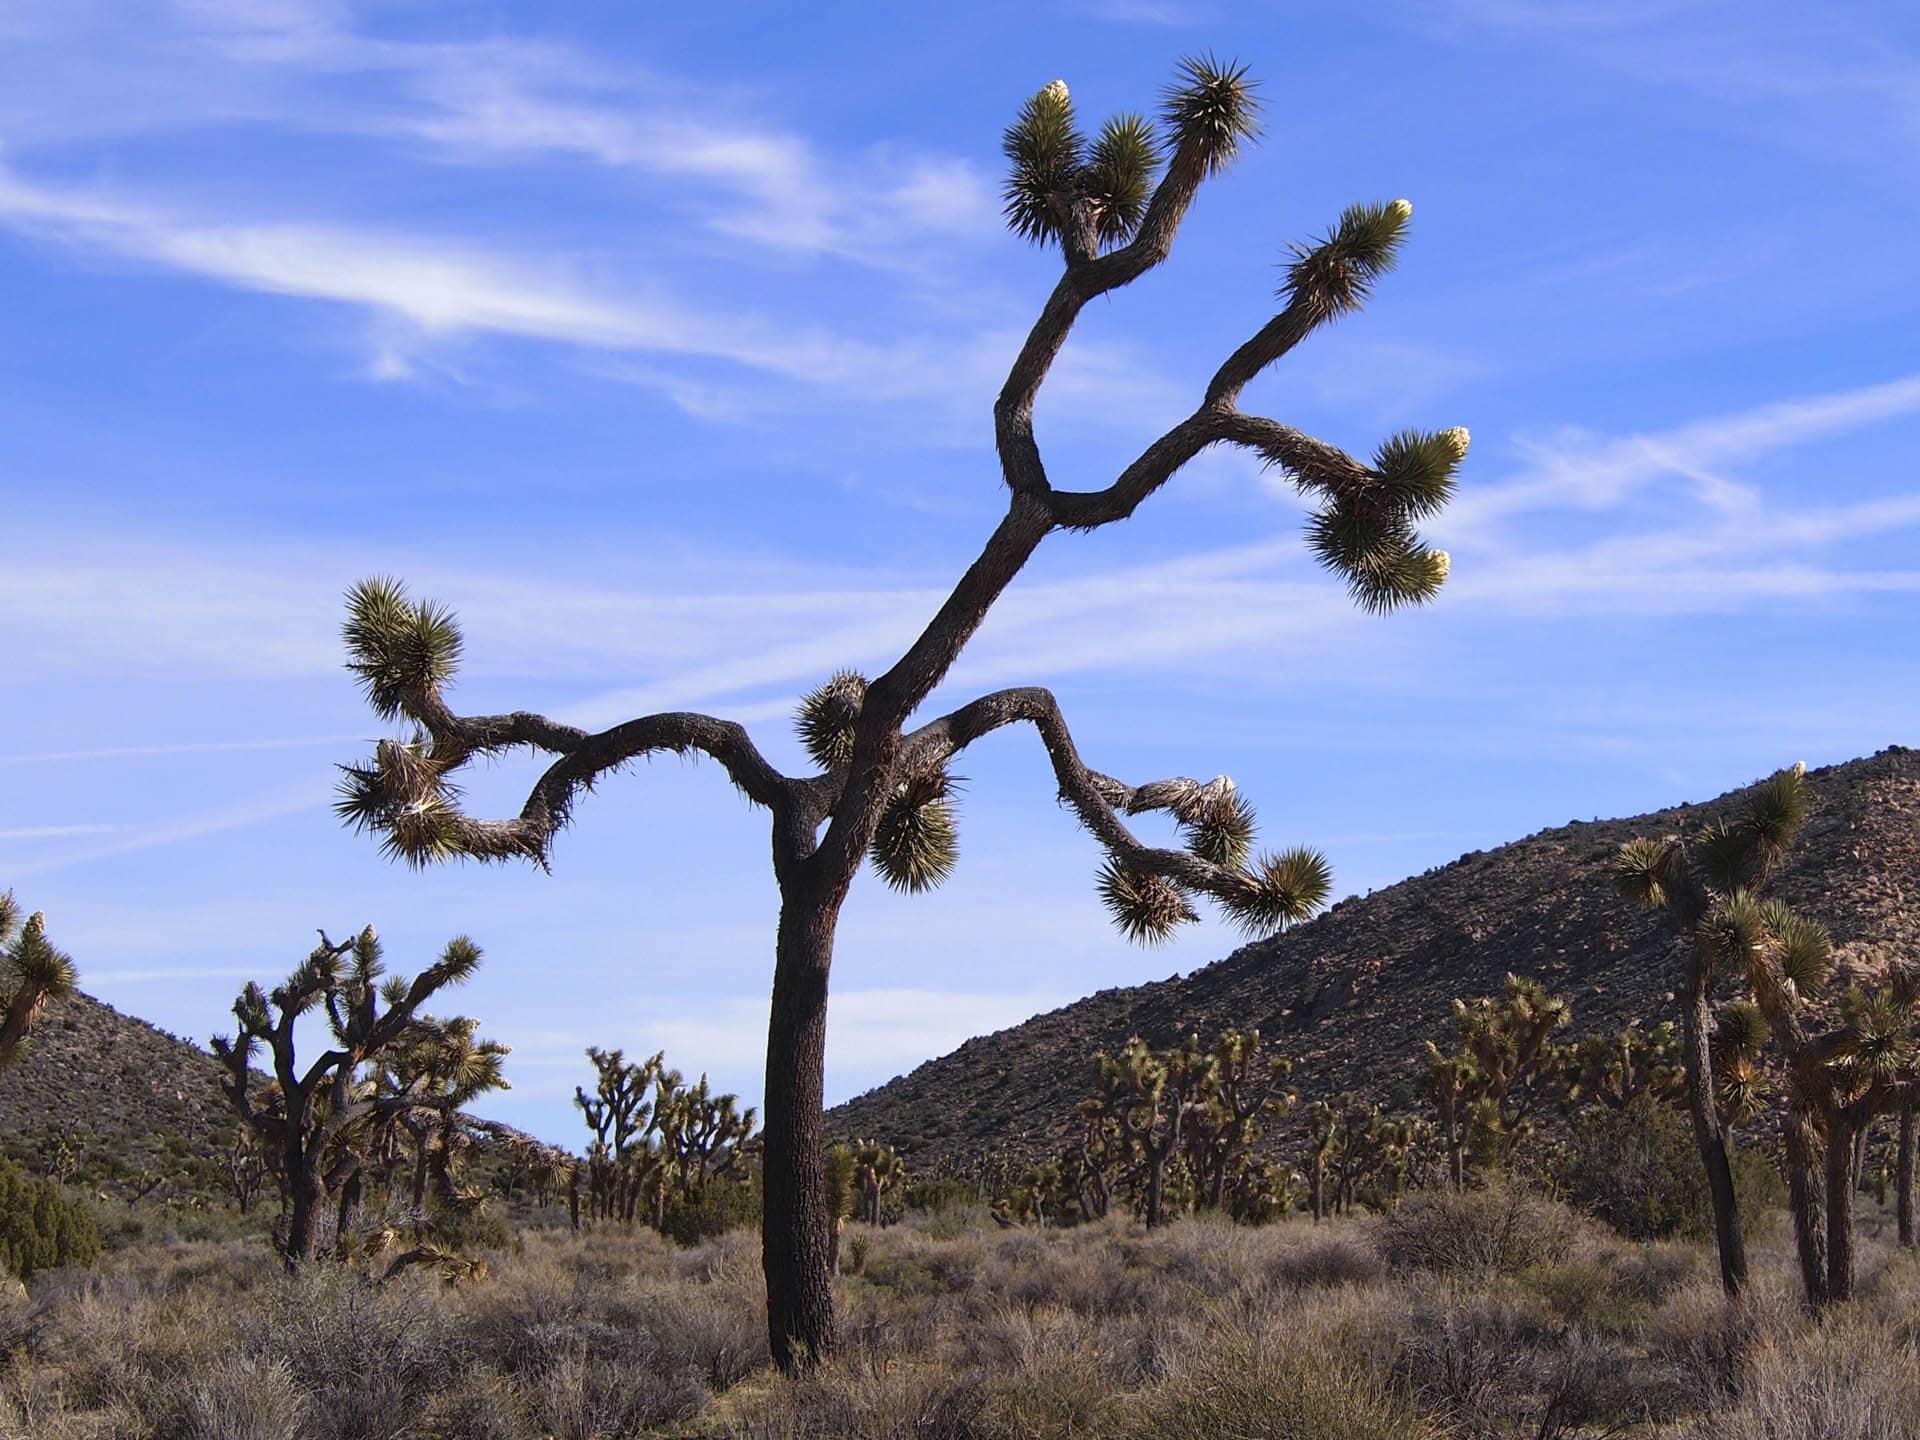 Joshua tree buds